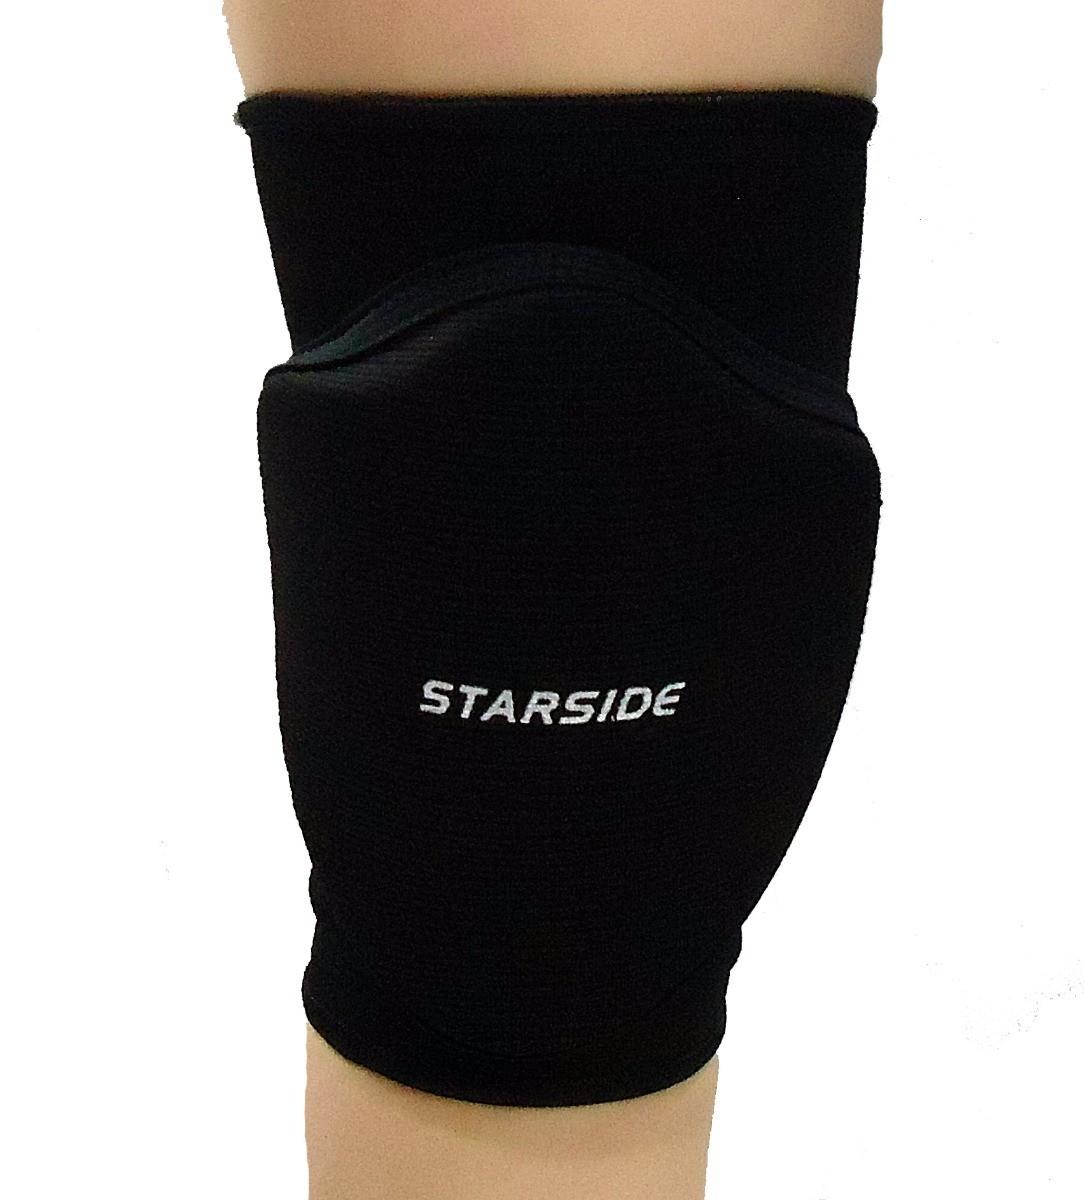 Joelheira Futsal Starside Profissional  - Unissex - Adulto